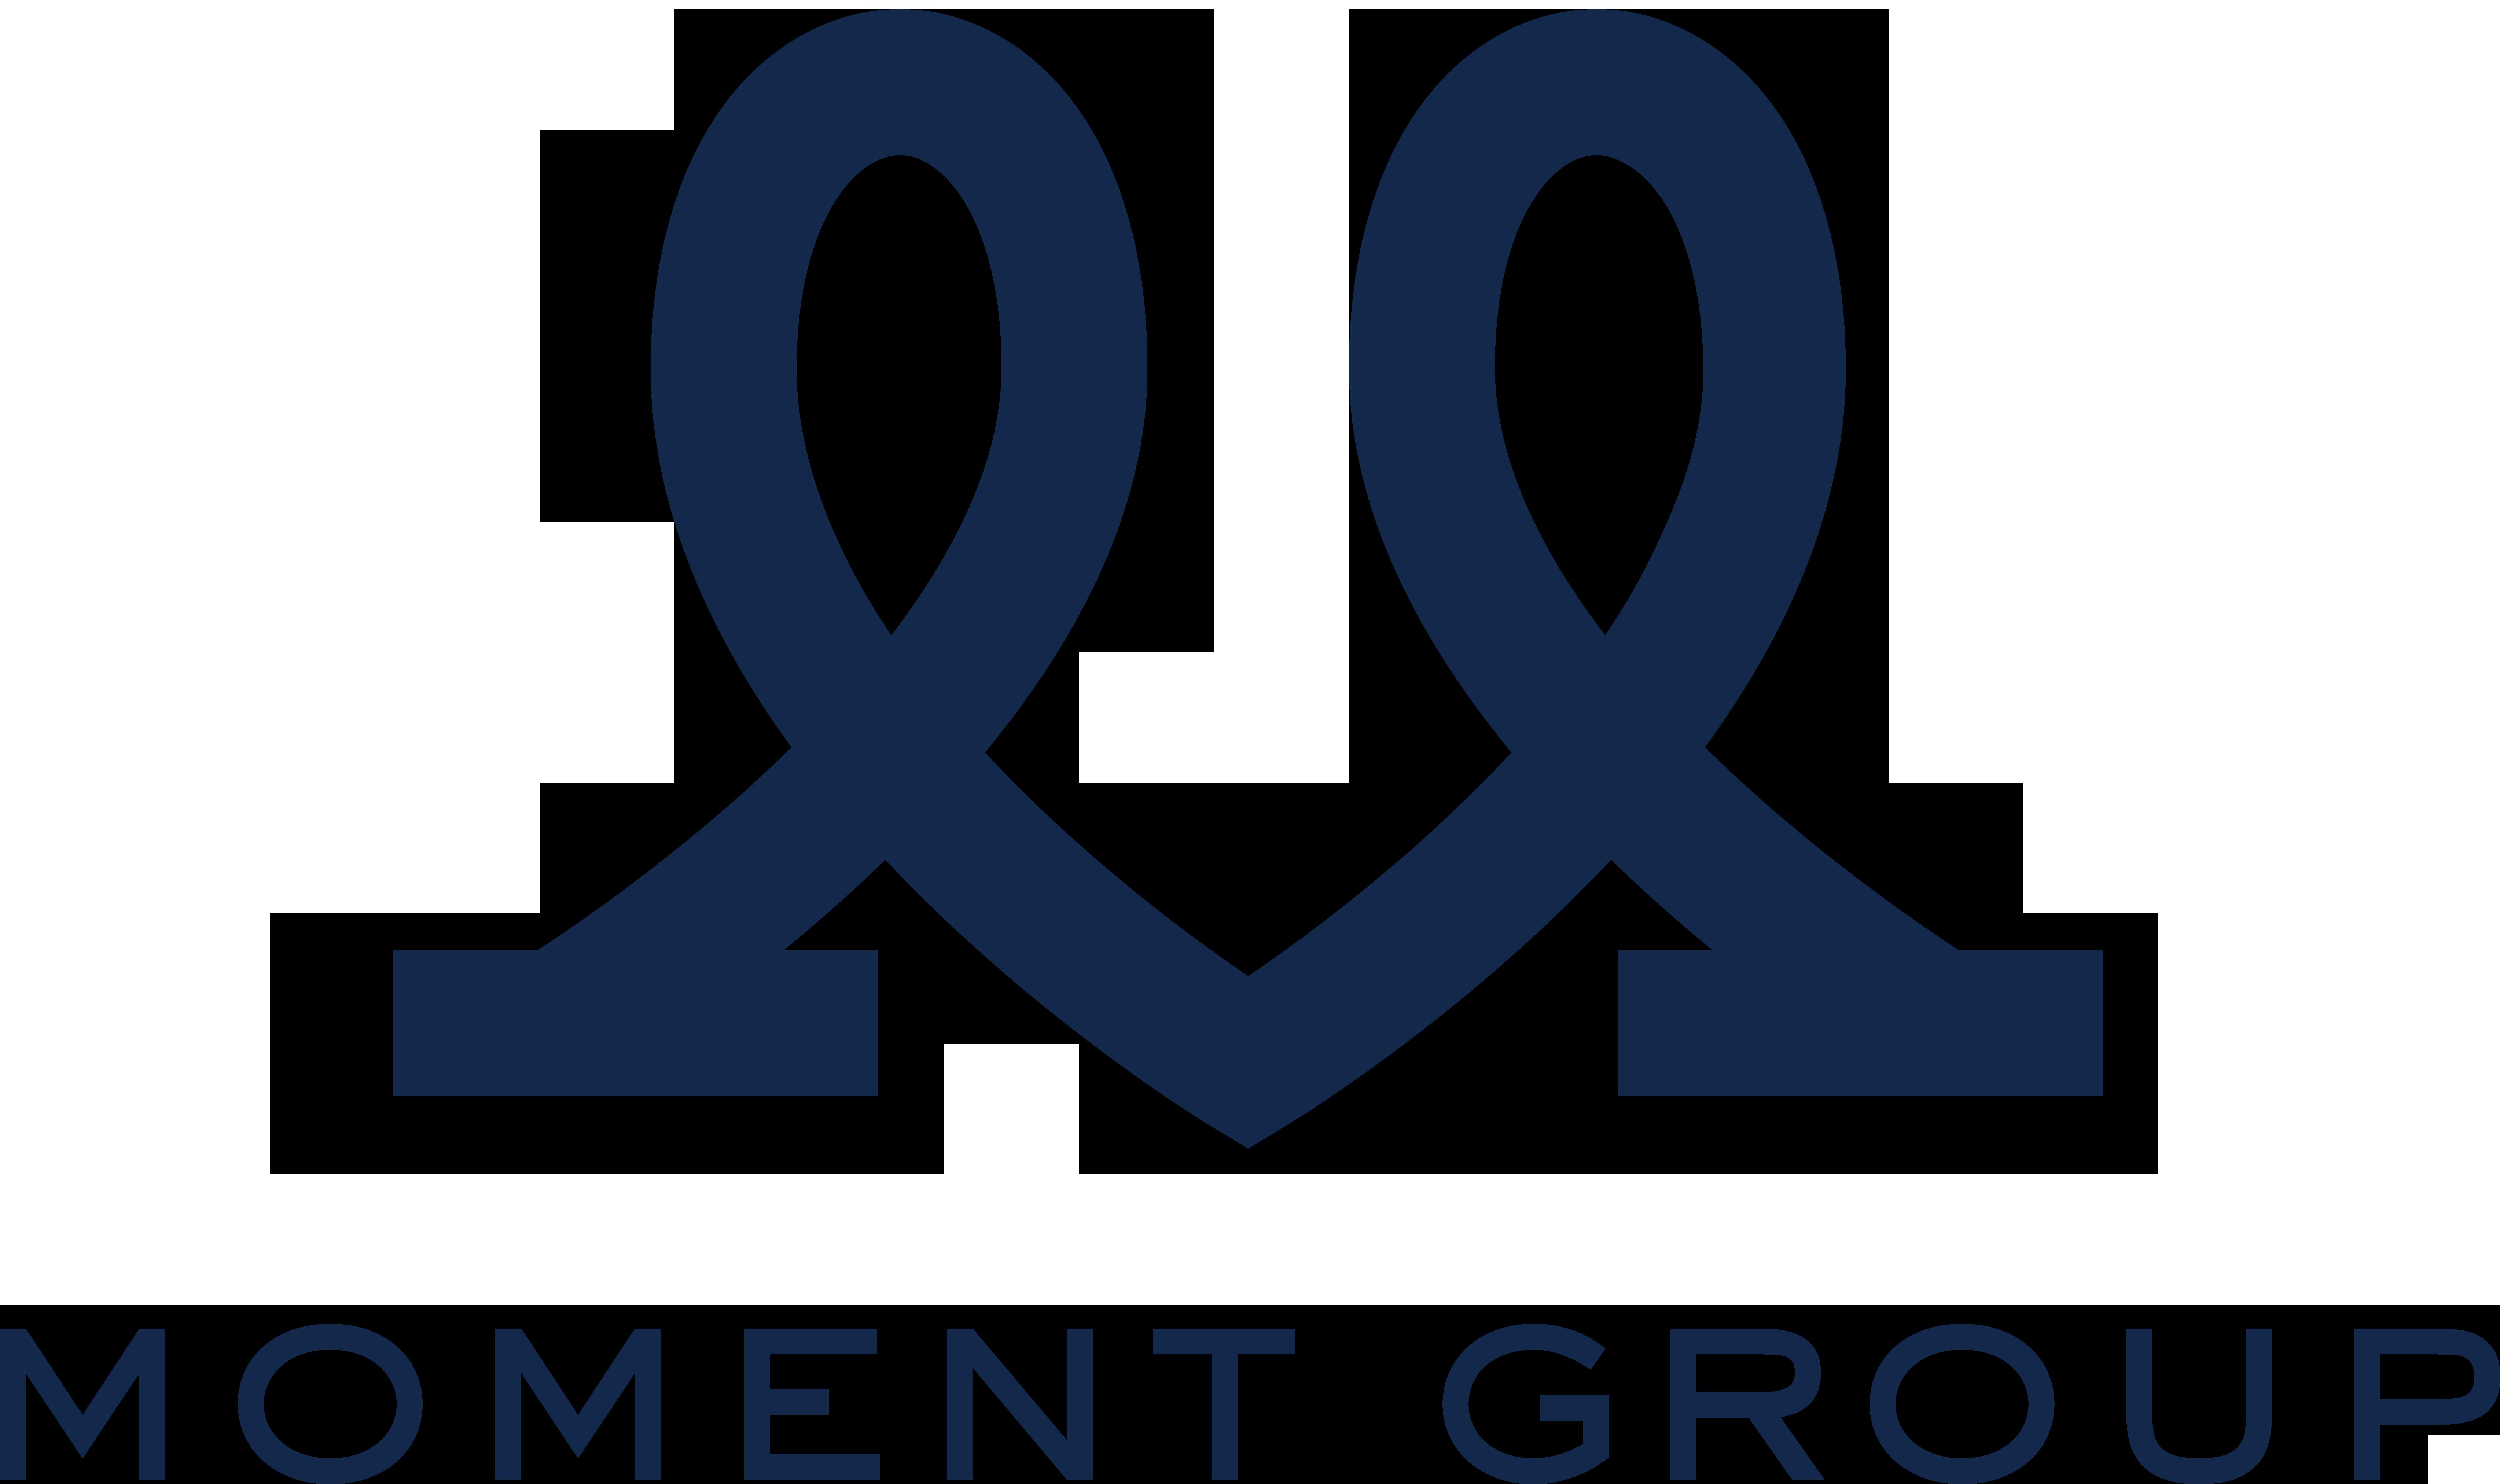 momentgroup_logo